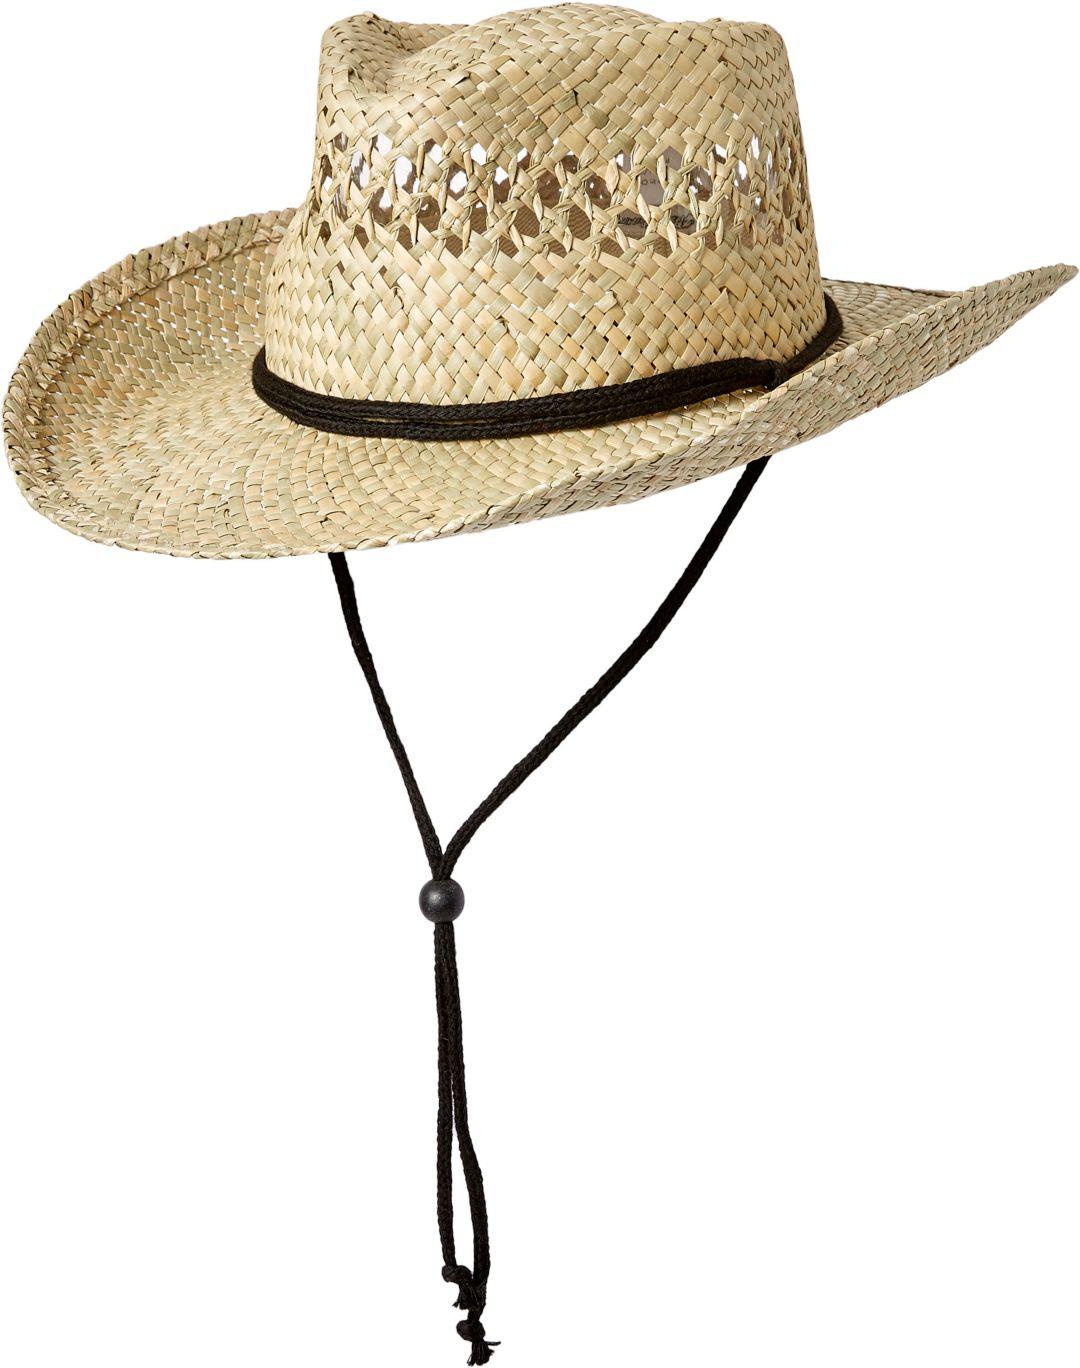 e03100431bc250 Field & Stream Men's Seagrass Outback Straw Hat | Field & Stream